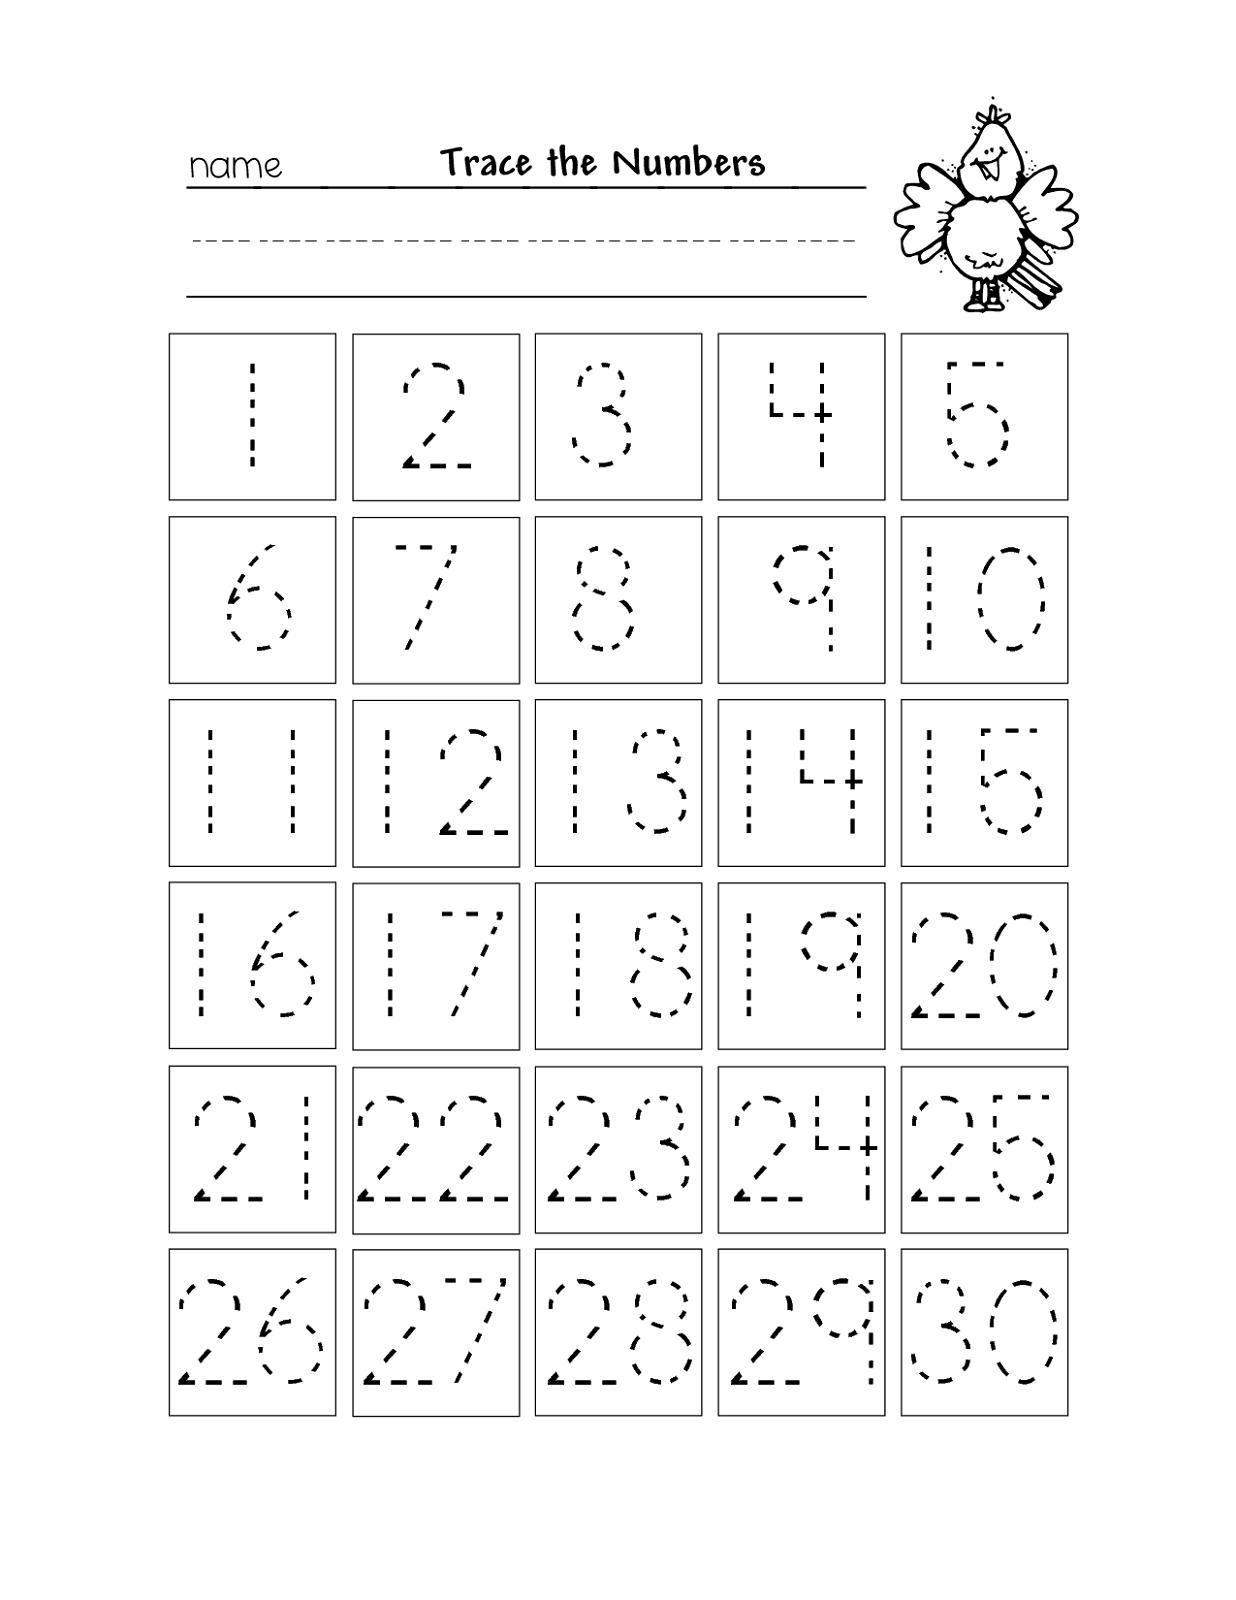 Worksheet Number Tracing Worksheets For Kindergarten free number tracer for kids activity shelter 1 30